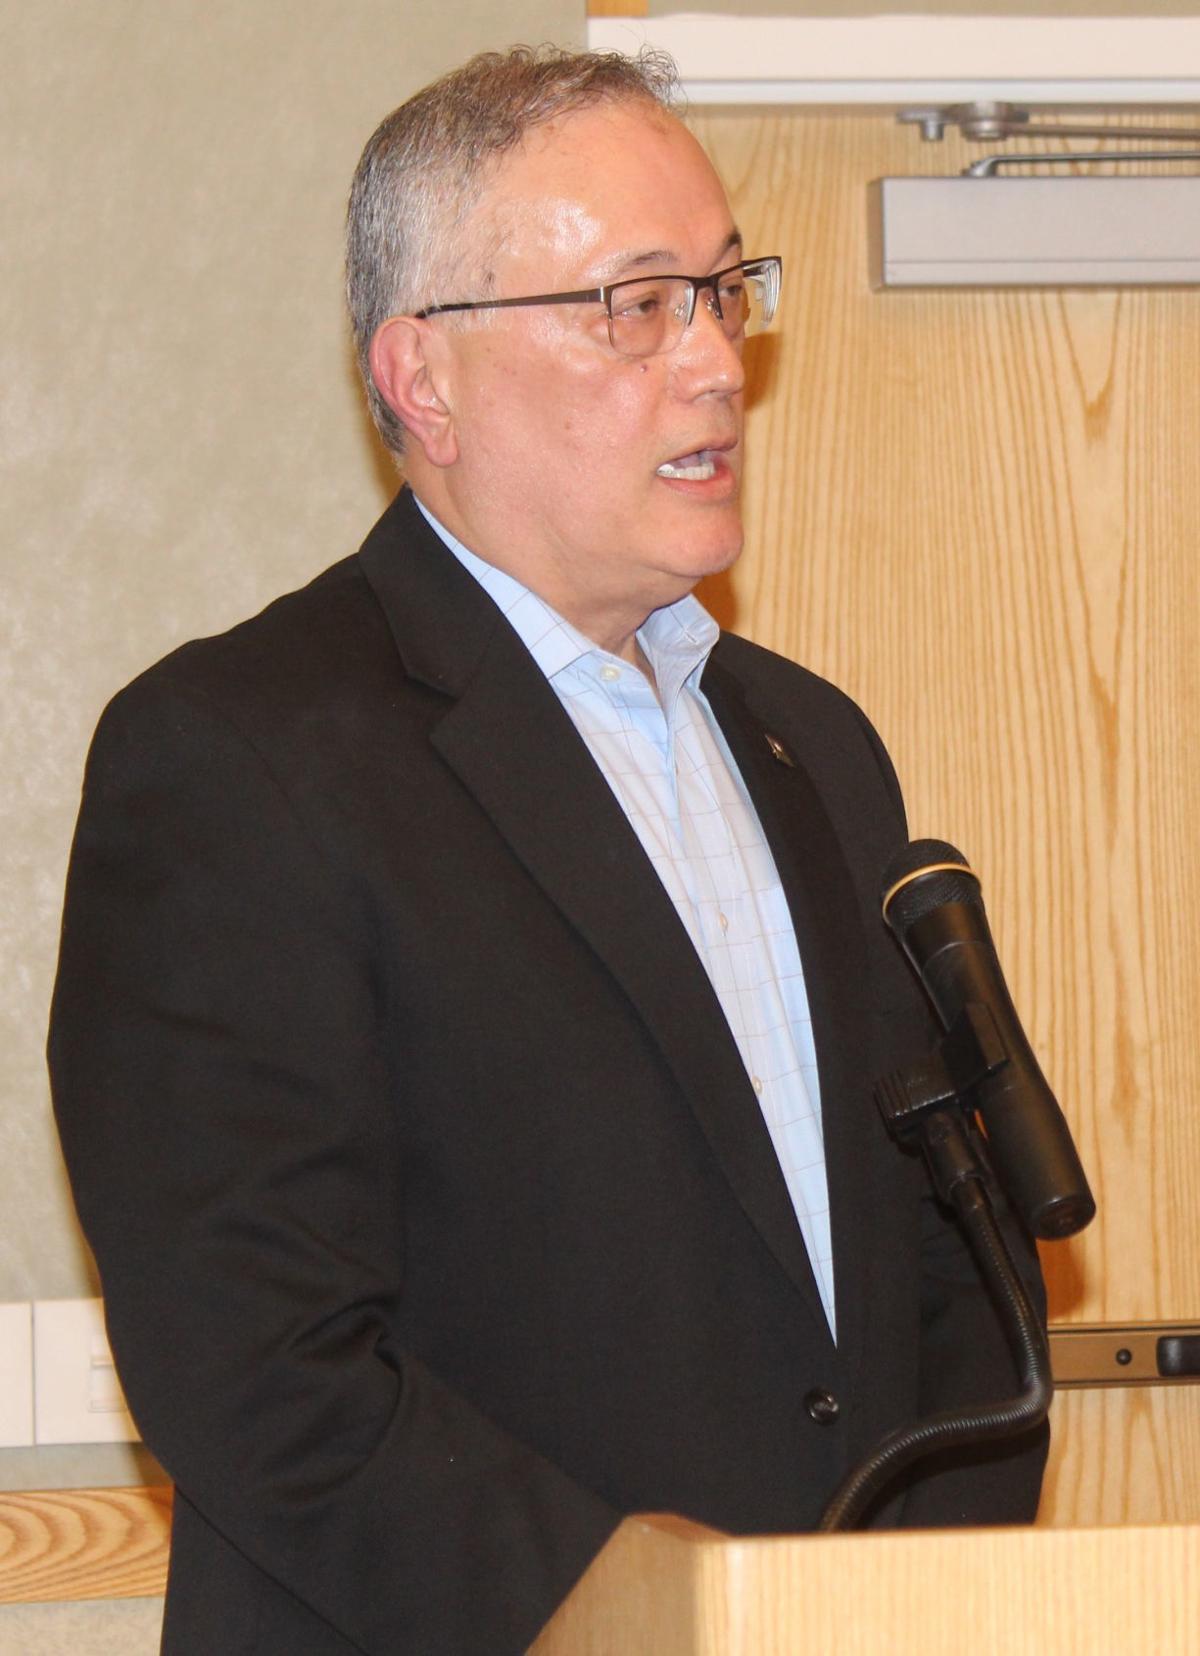 Richard Forren